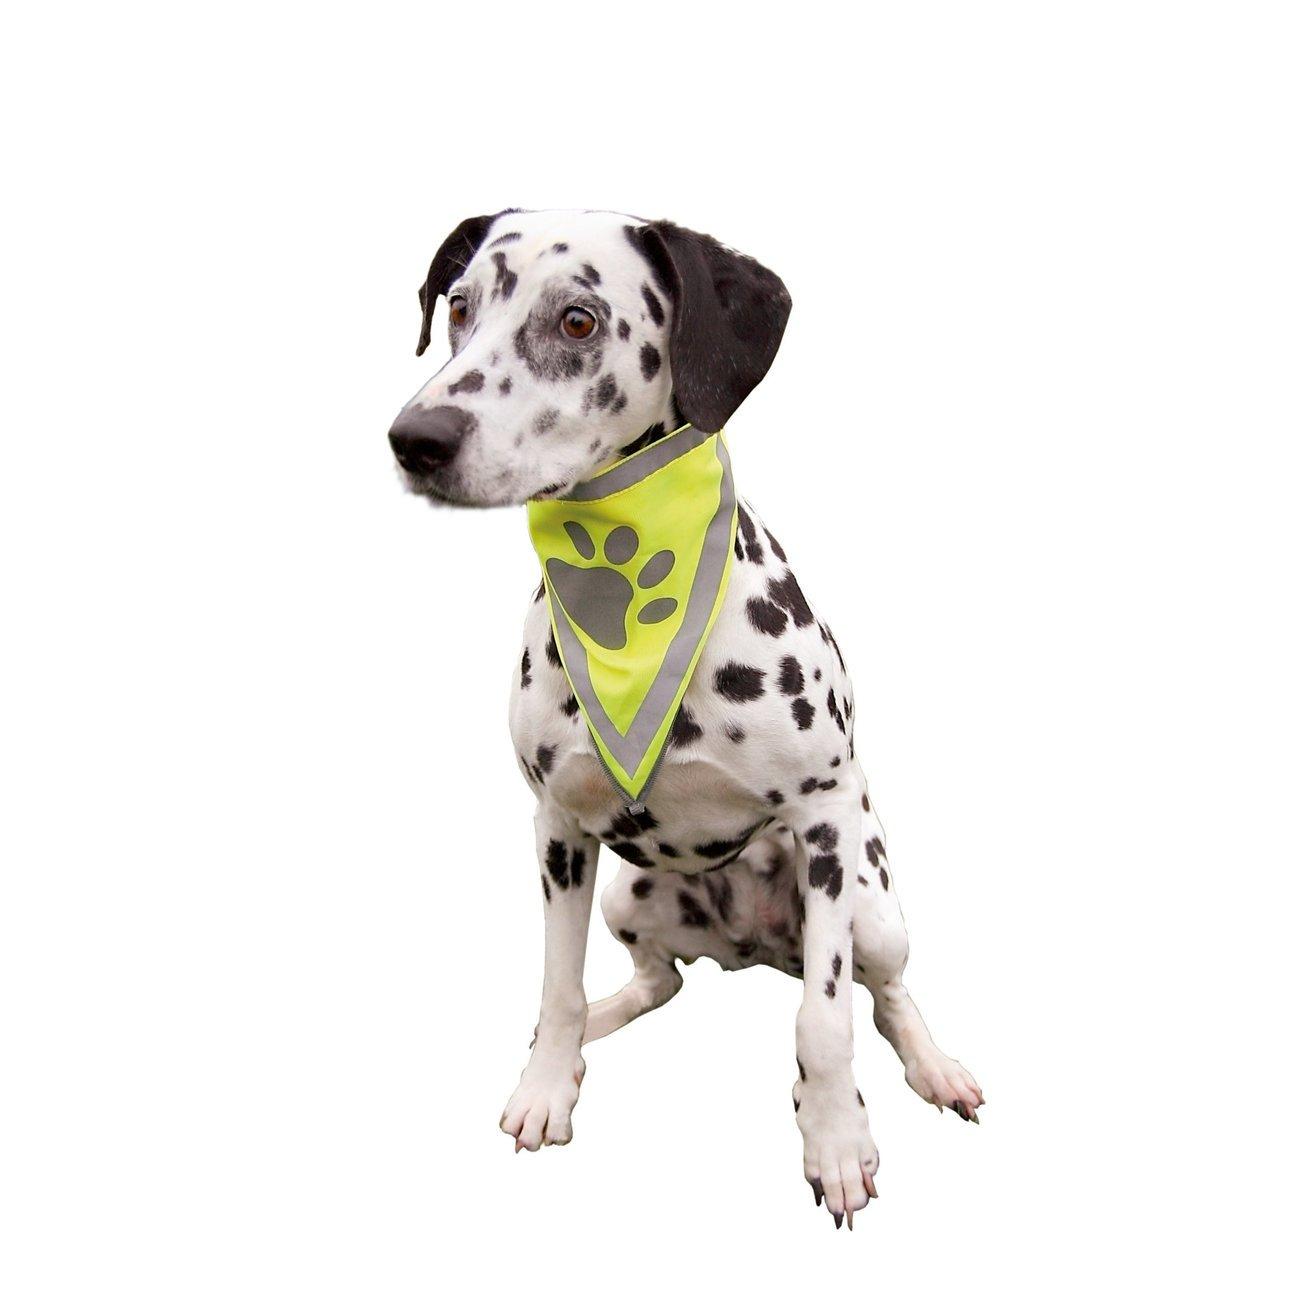 TRIXIE Sicherheits-Halstuch für Hunde 30121, Bild 4